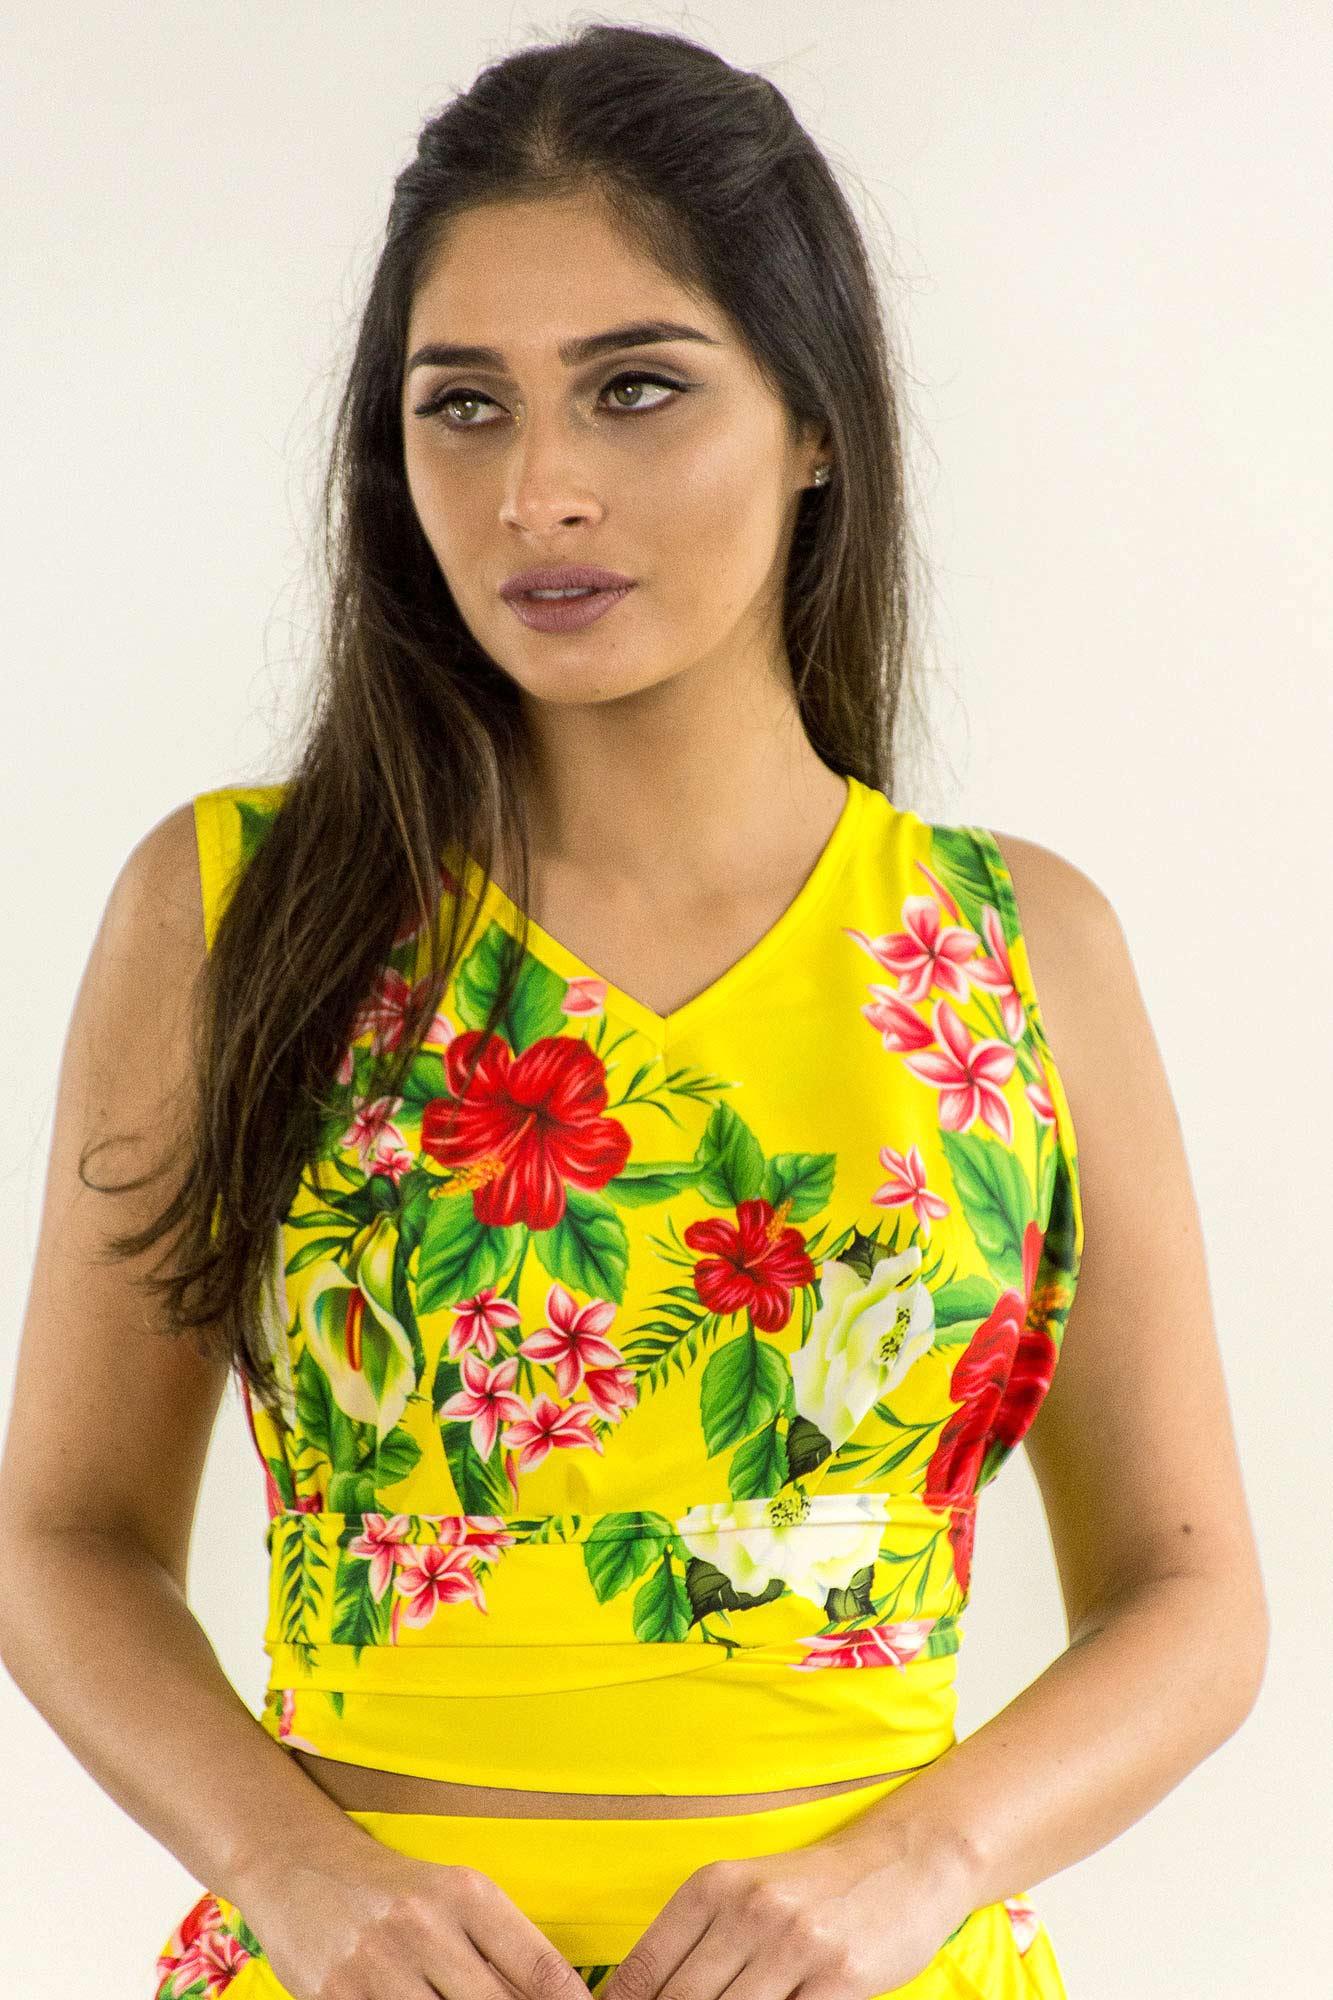 09258a04b NotoriaStore: Moda Feminina Florianópolis - Online Blusa cropped com ...